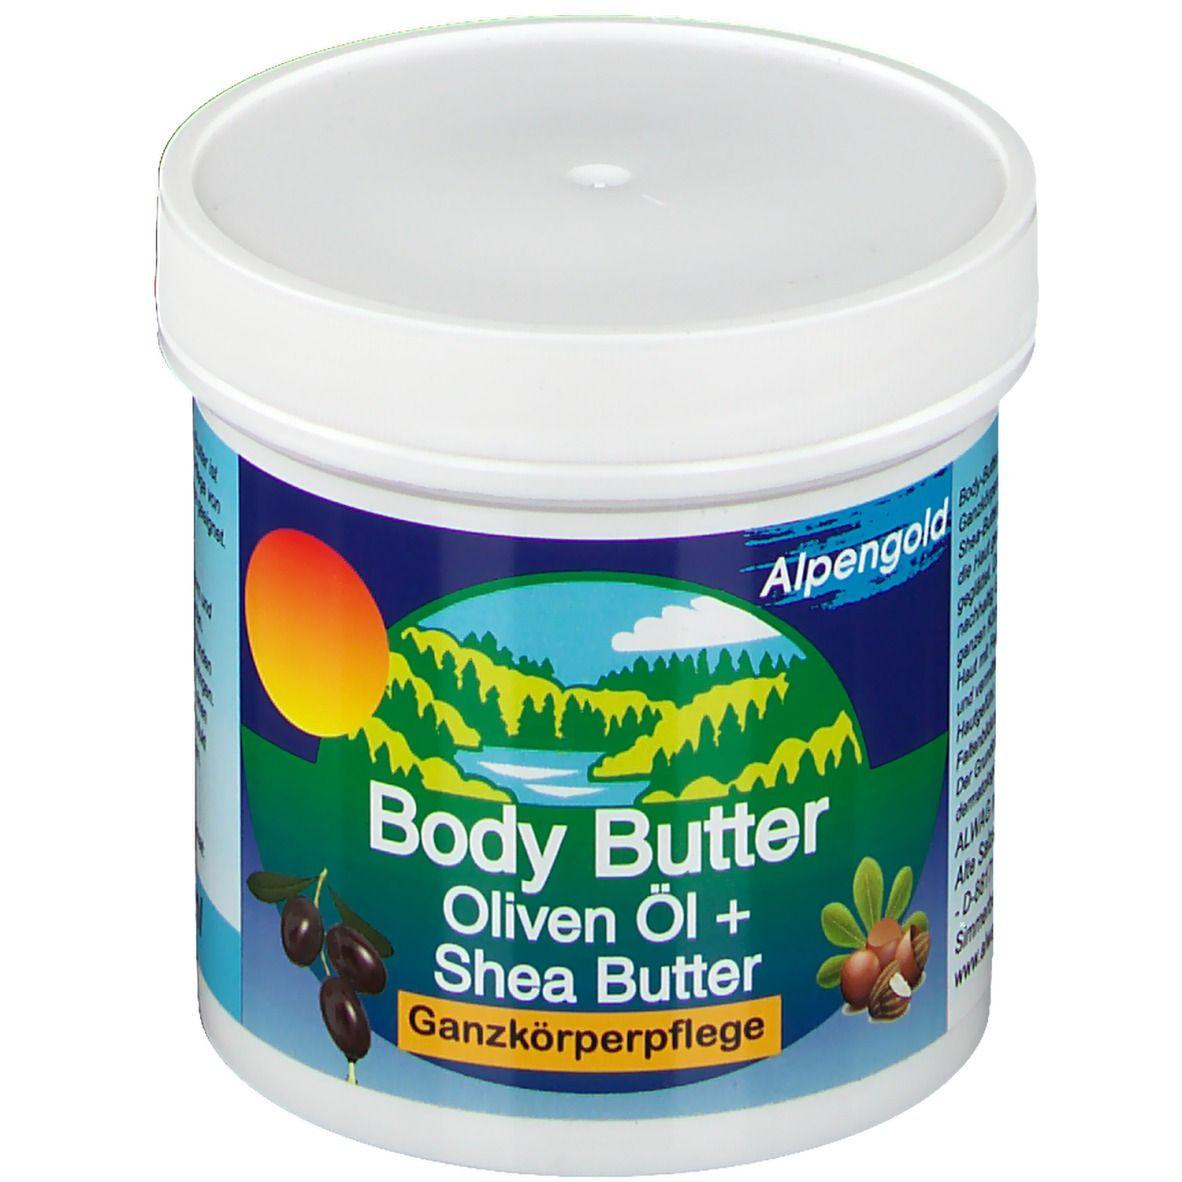 Image of Body Butter Oliven-Öl & Shea-Butter Ganzkörperpflege